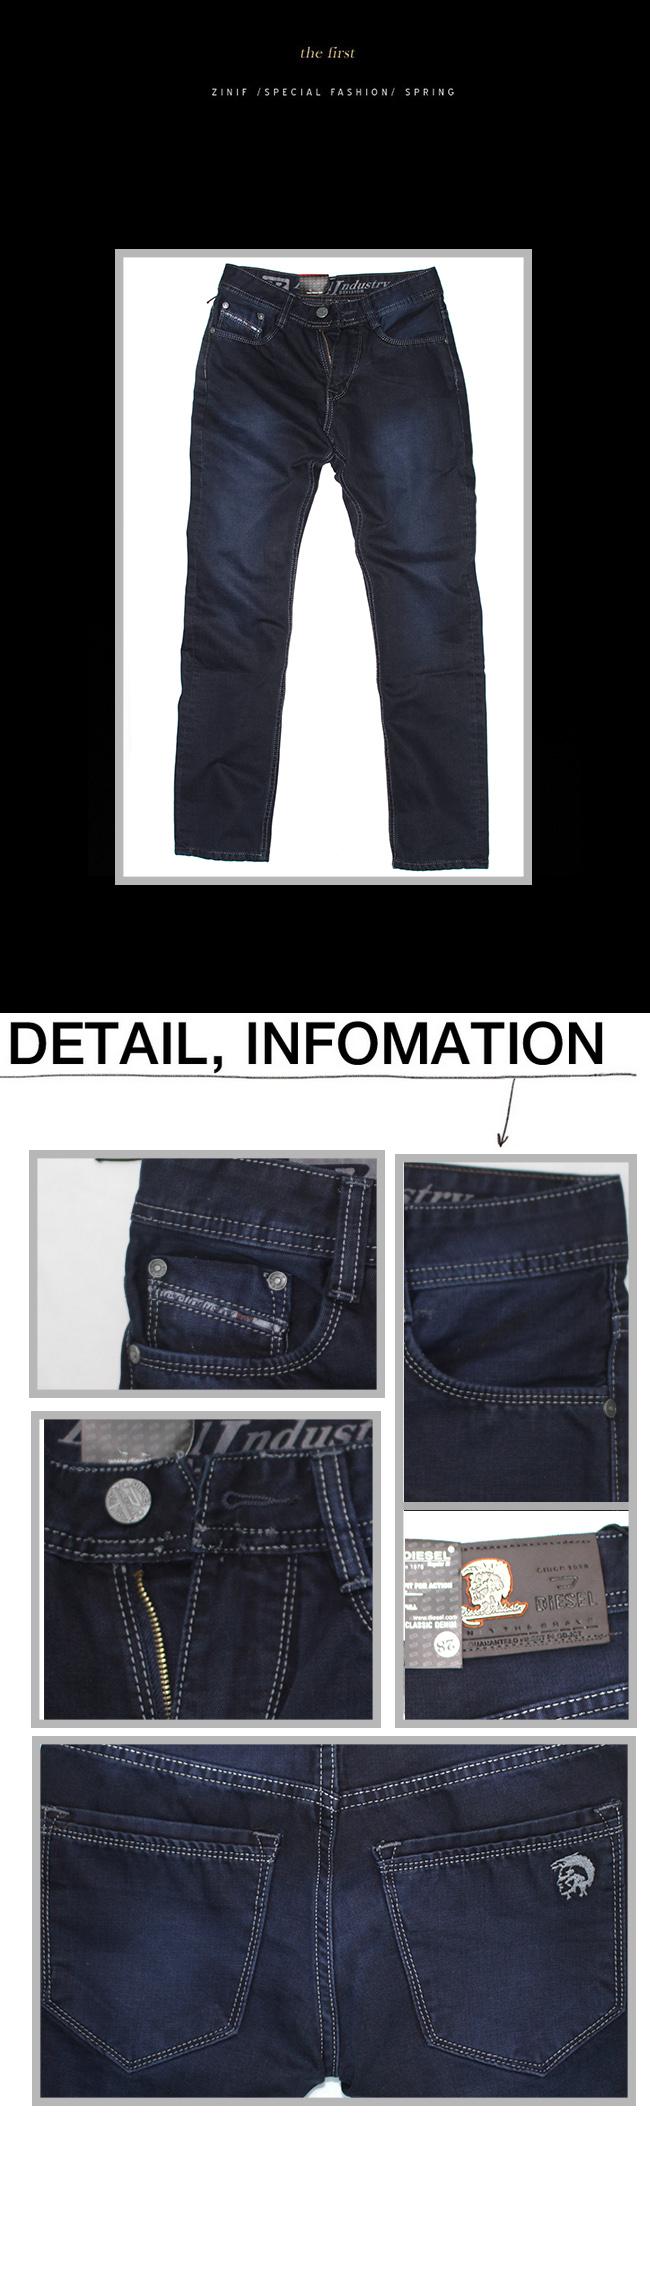 Quần jean ống đứng xanh đen qj1113 - 1